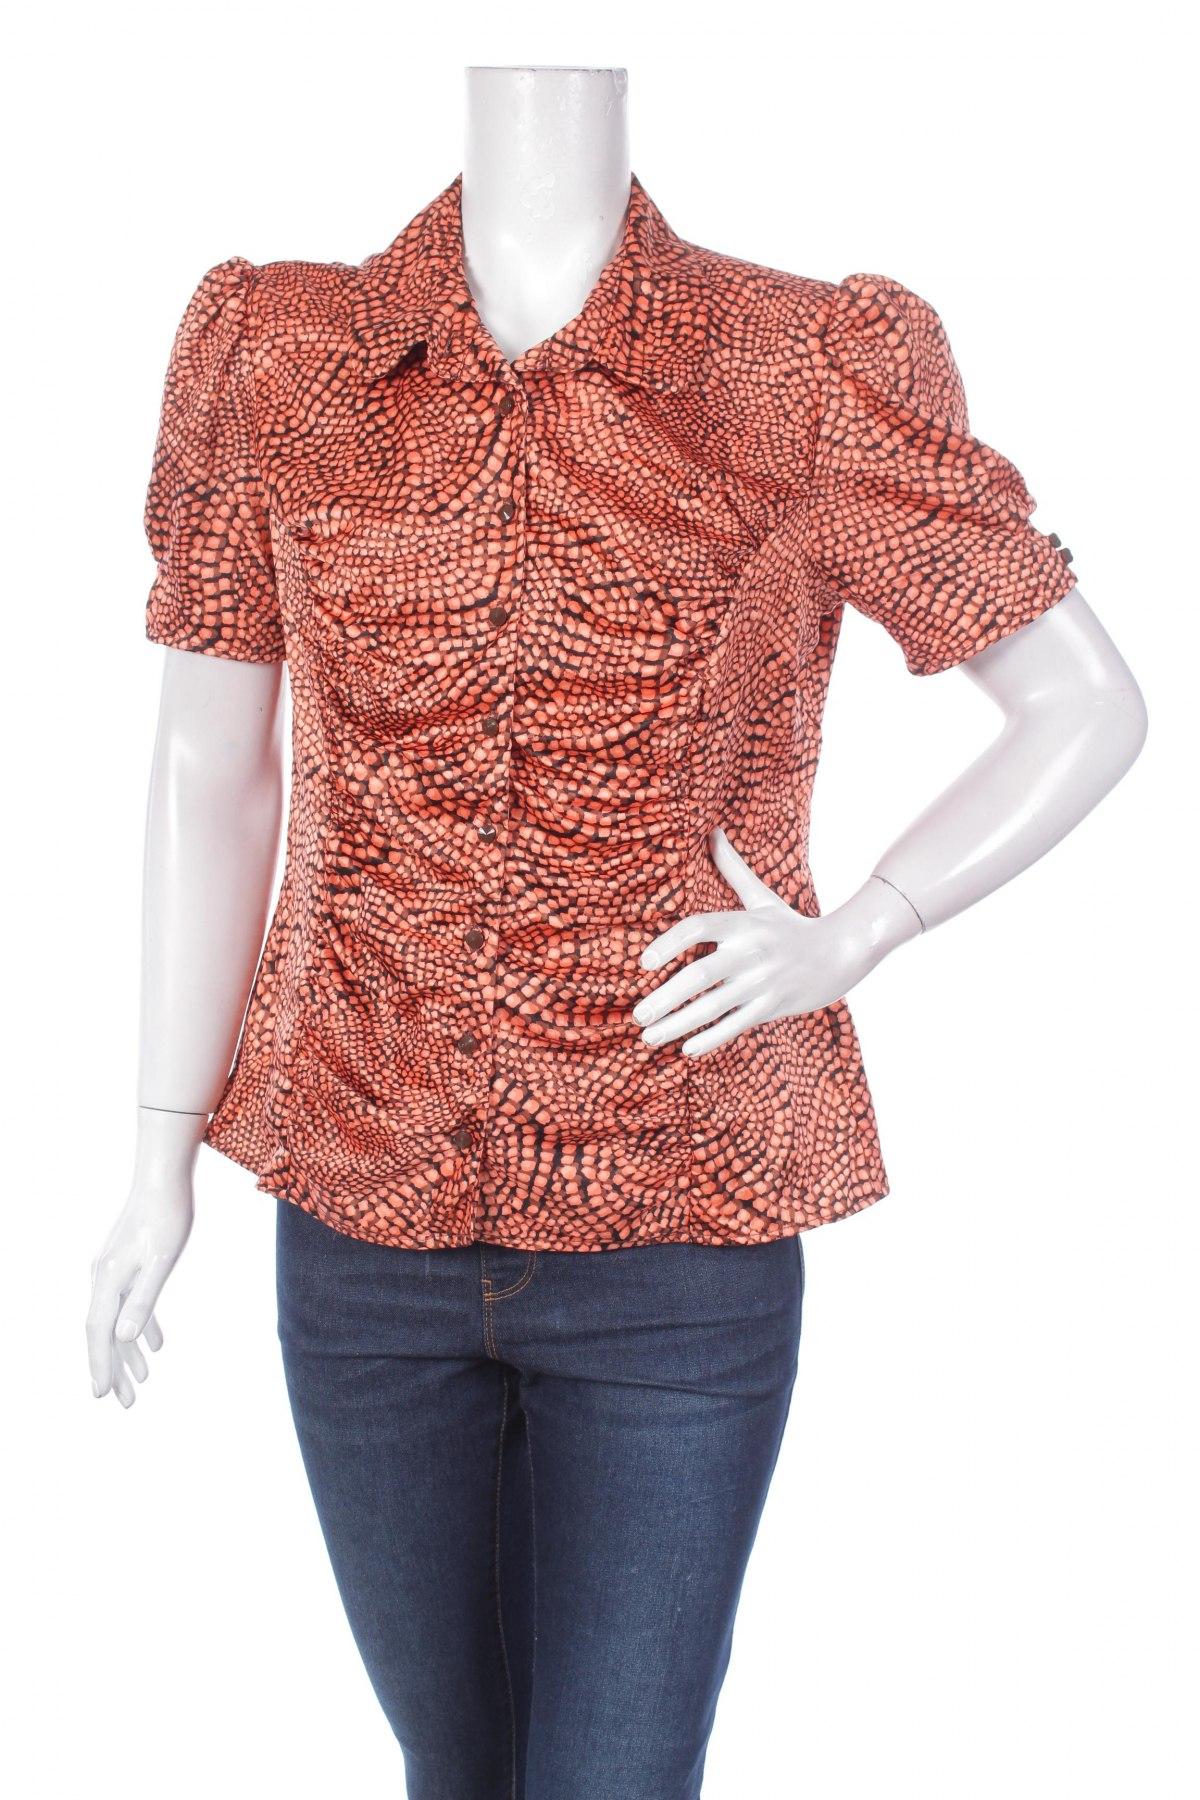 Γυναικείο πουκάμισο Mixit, Μέγεθος L, Χρώμα Πορτοκαλί, 100% πολυεστέρας, Τιμή 11,13€